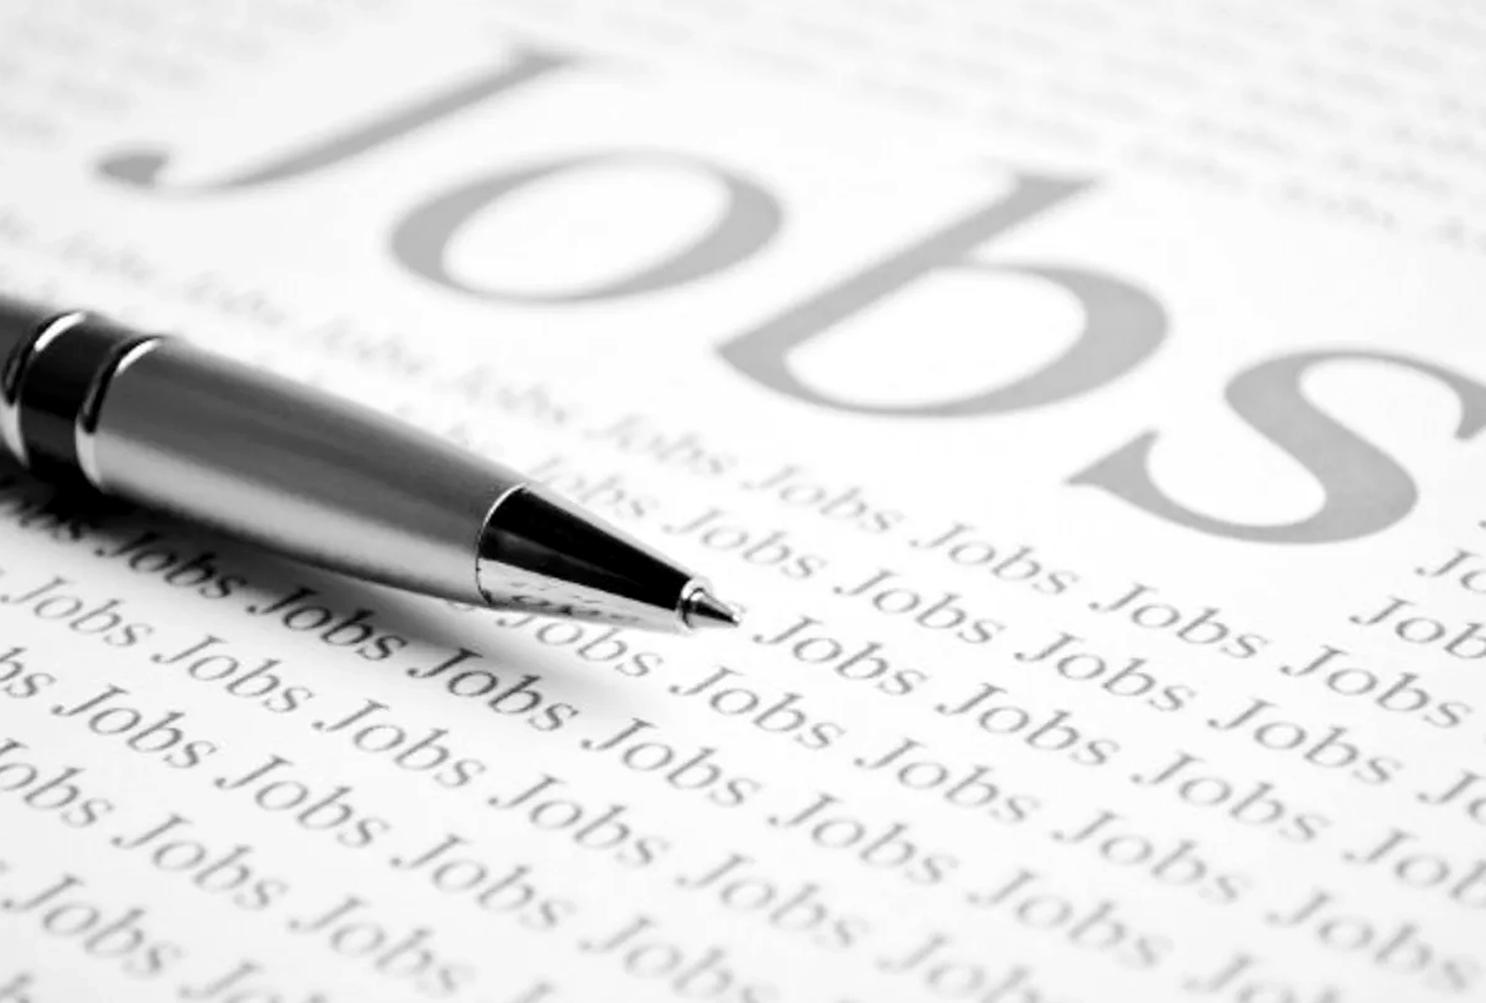 छह सालों में घट गईं 90 लाख नौकरियां, जानिए क्या है वजह